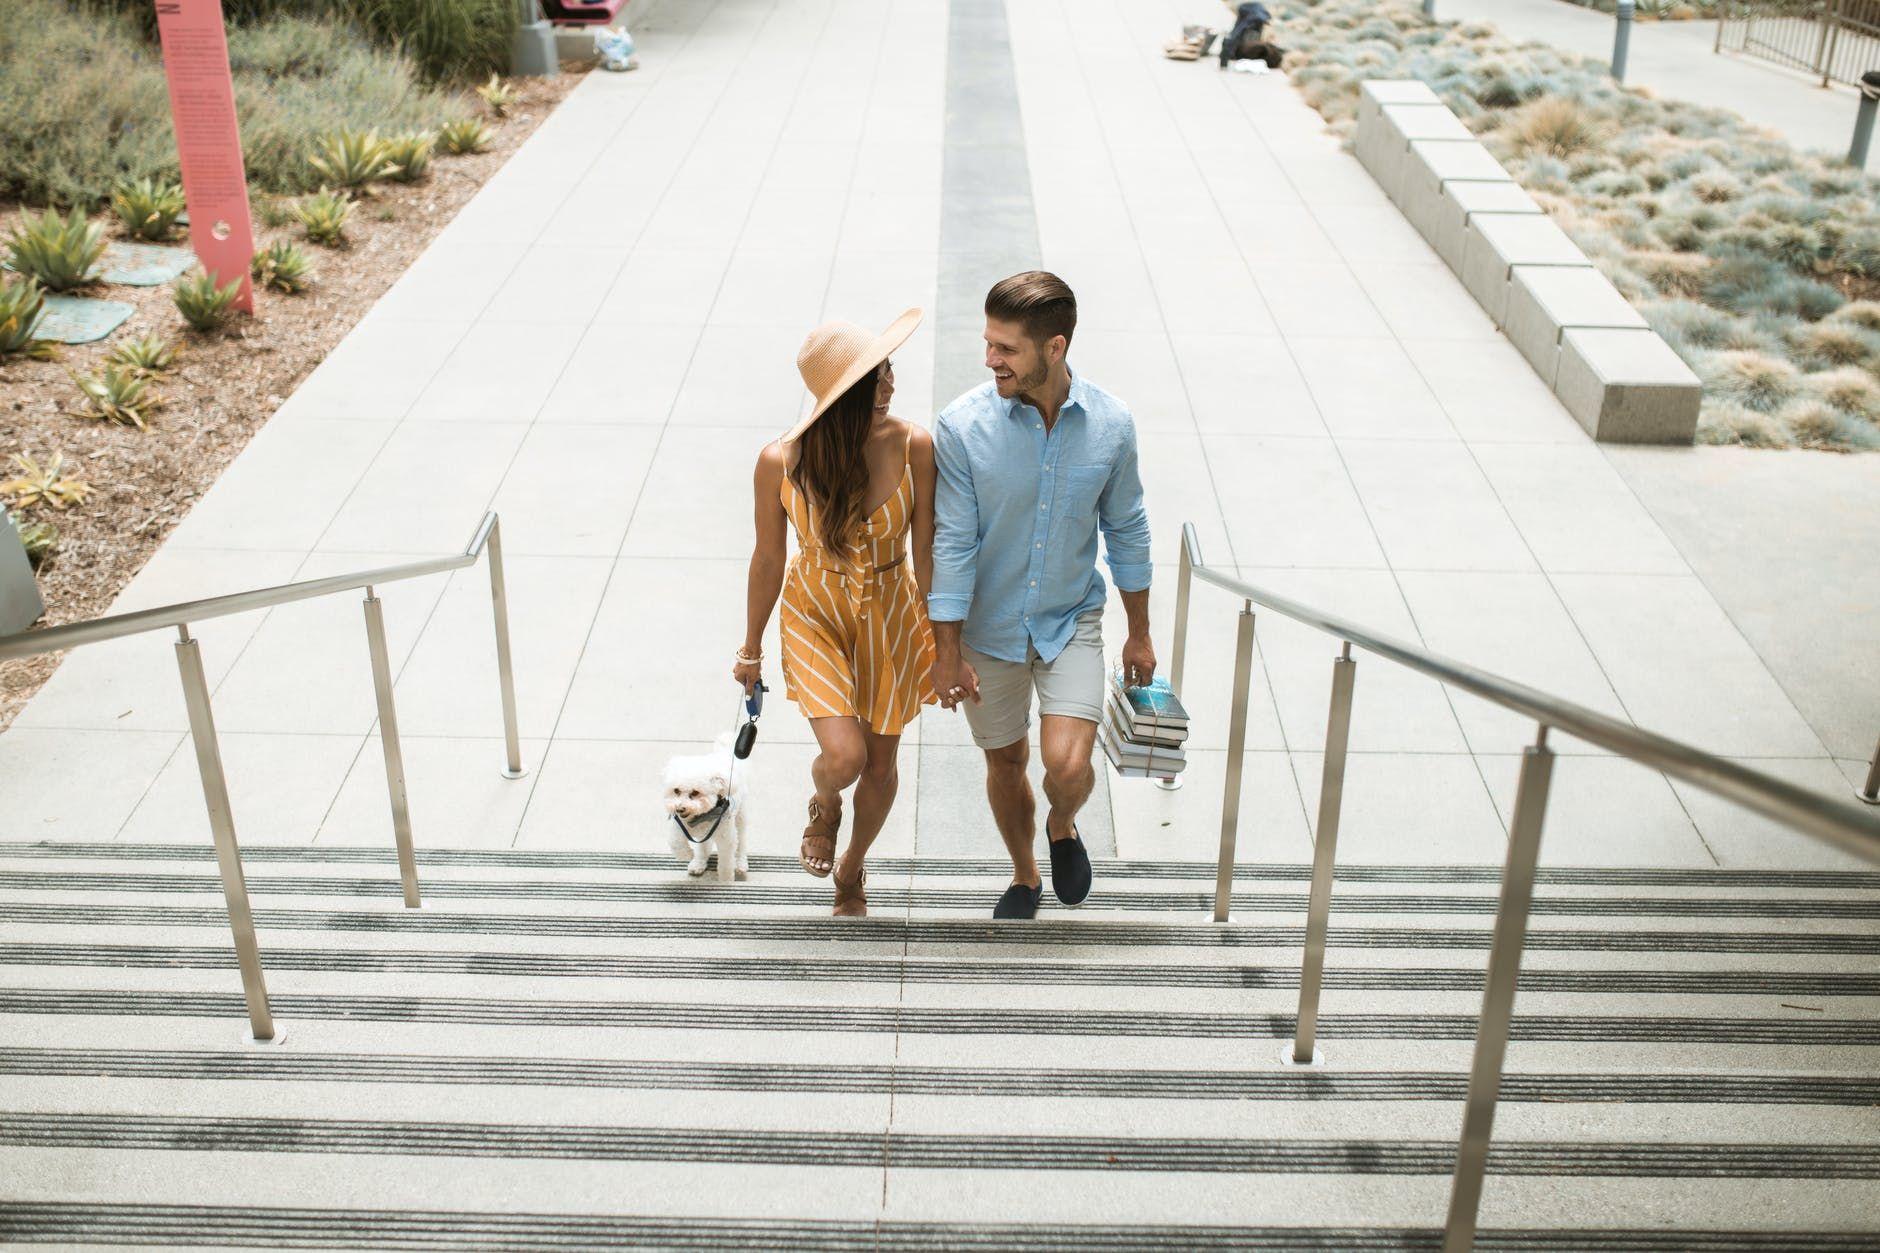 Tanpa Bicara, Lakukan 7 Hal Ini Sebagai Tanda Cinta!